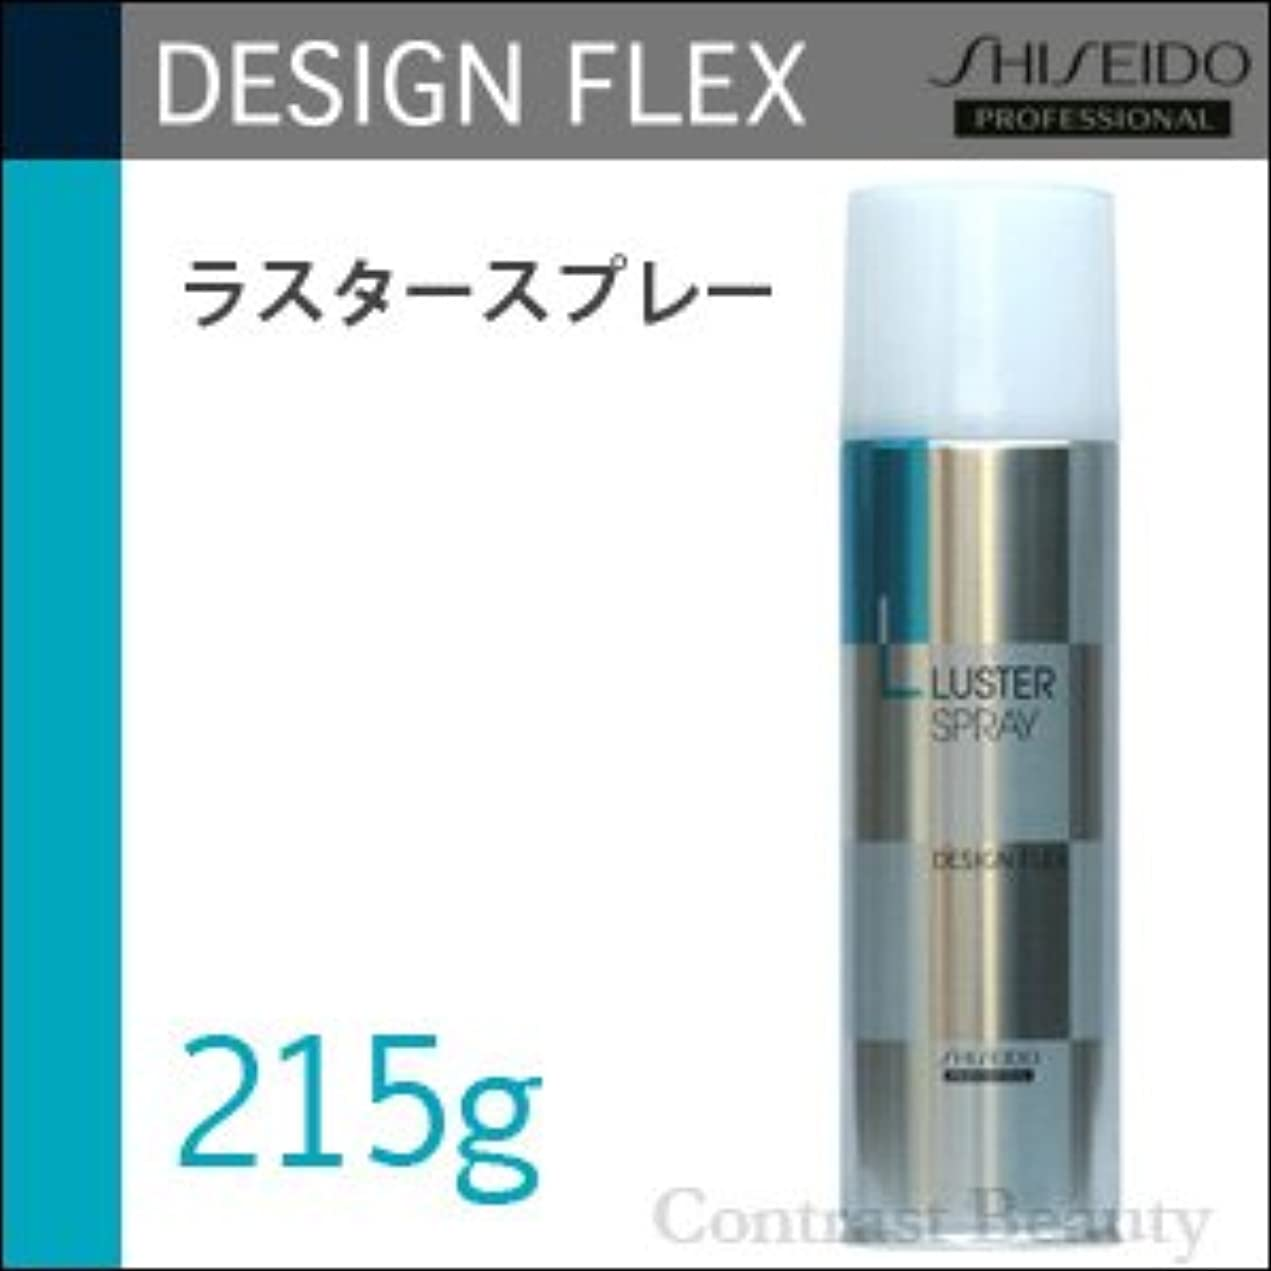 現象全能これまで【x3個セット】 資生堂 デザインフレックス ラスタースプレー 215g